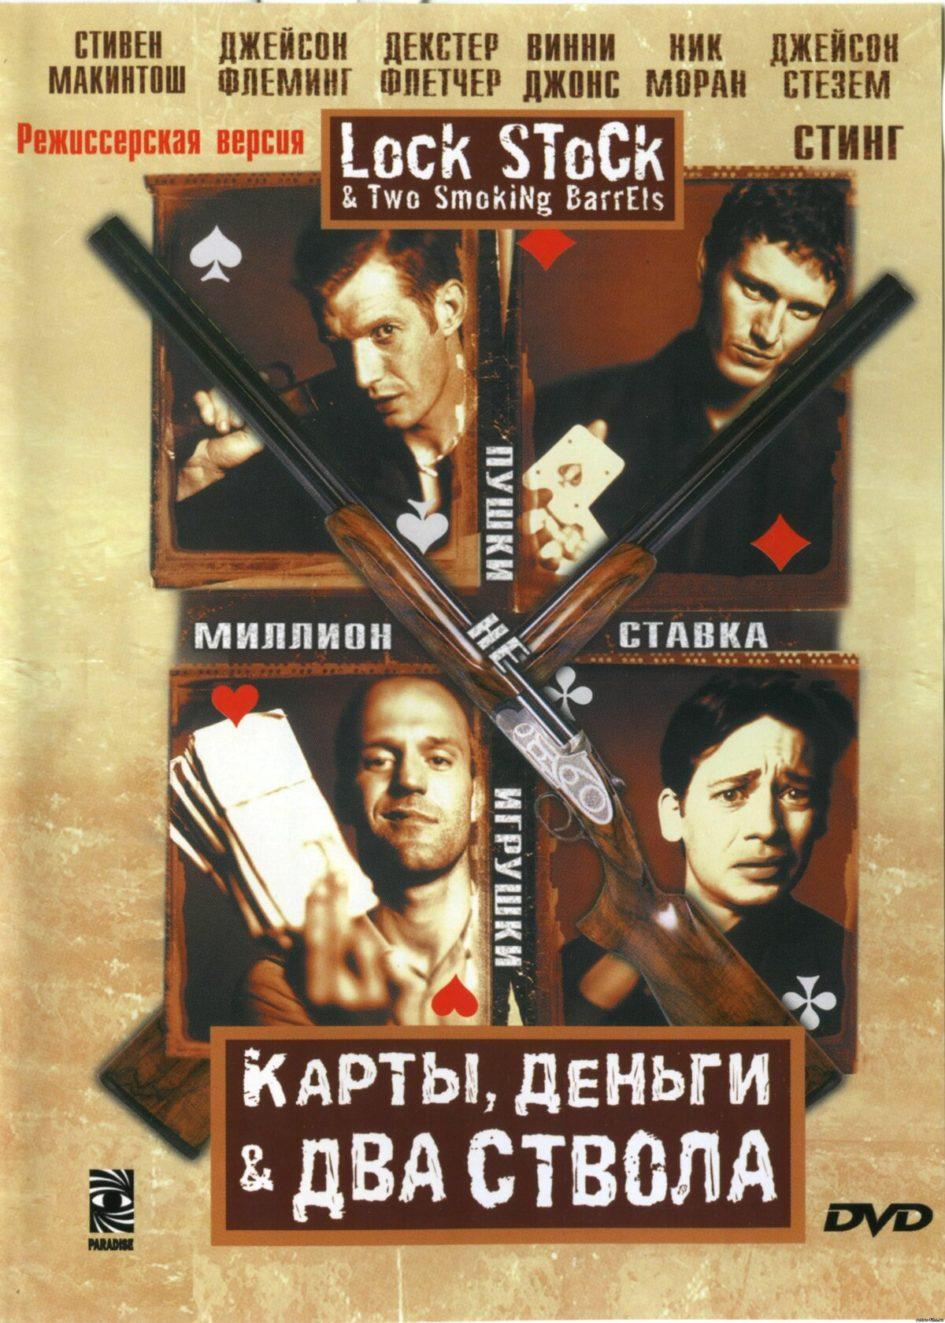 Карты, деньги, два ствола (1998) - OST